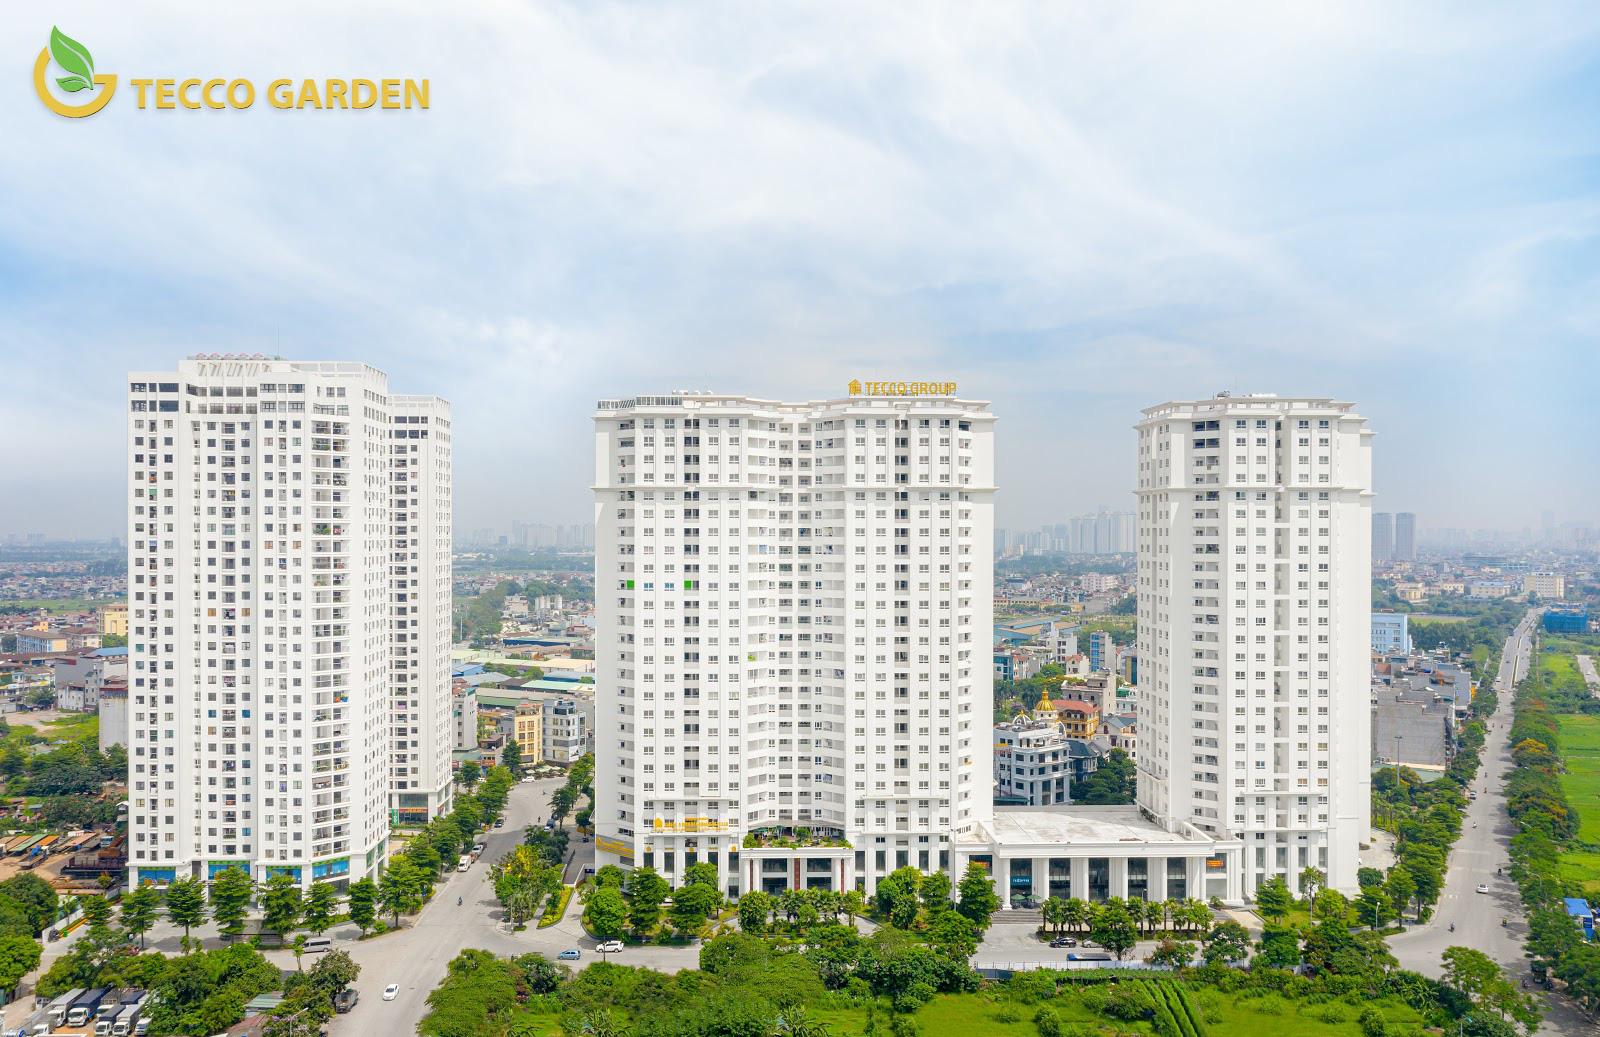 Hàng loạt dự án đang mở rộng - Bất động sản phía Nam thủ đô hấp dẫn nhà đầu tư - Ảnh 1.